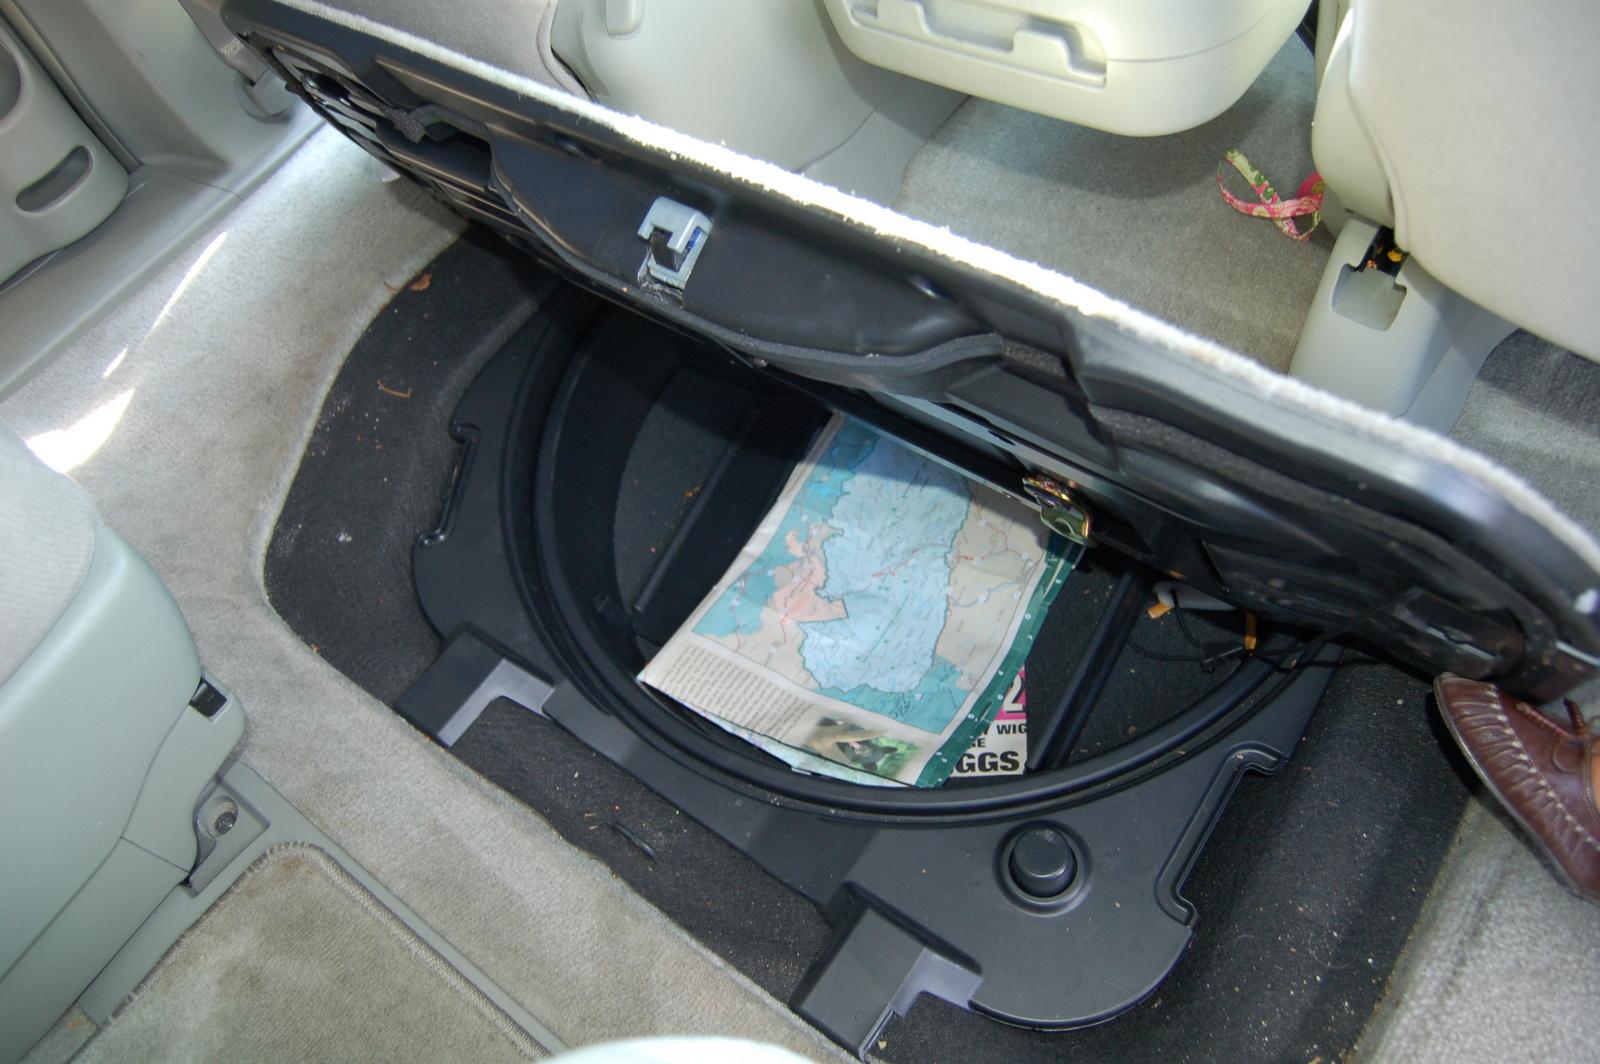 2006 Honda Odyssey Interior Pictures Cargurus